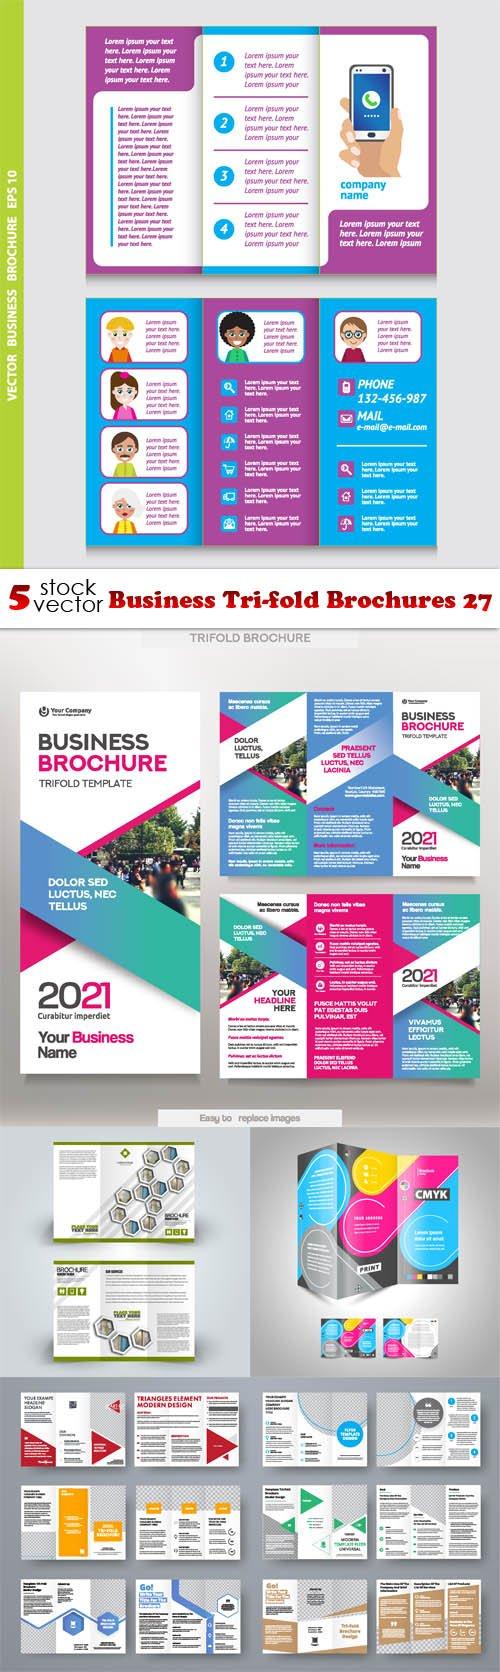 Vectors - Business Tri-fold Brochures 27